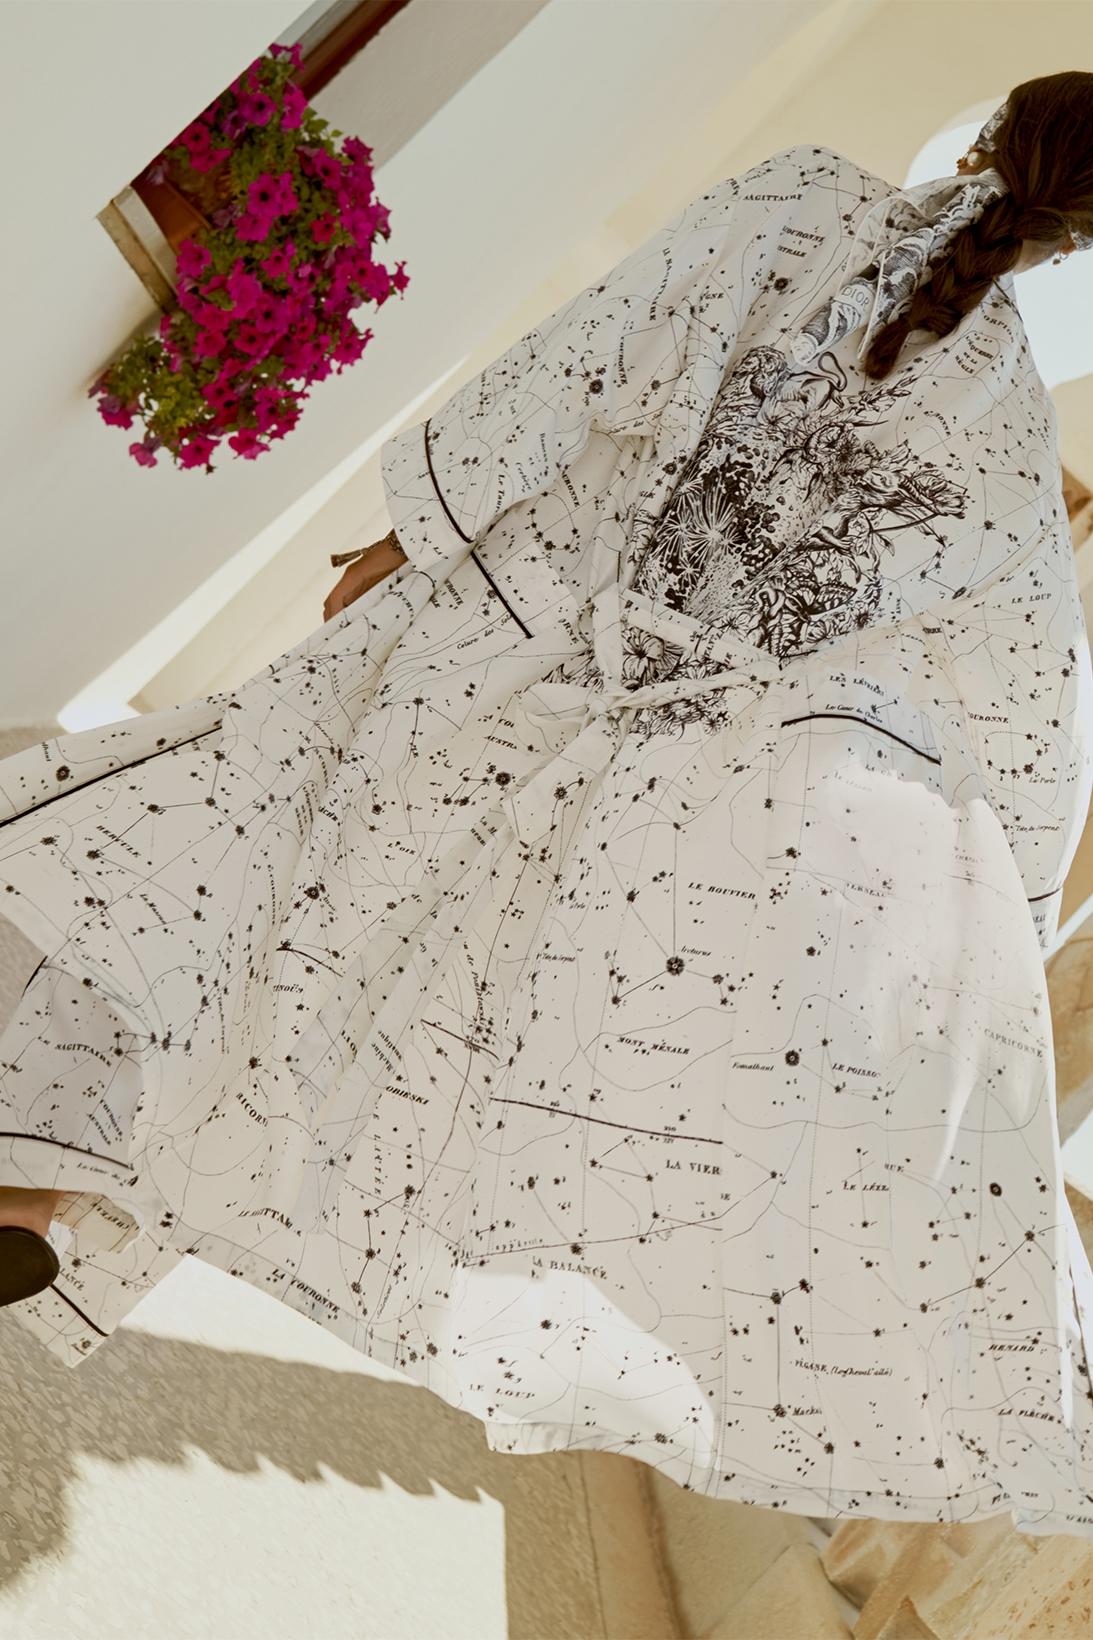 Тренд на комфорт. Dior выпустили коллекцию домашней одежды (ФОТО+ВИДЕО) - фото №3